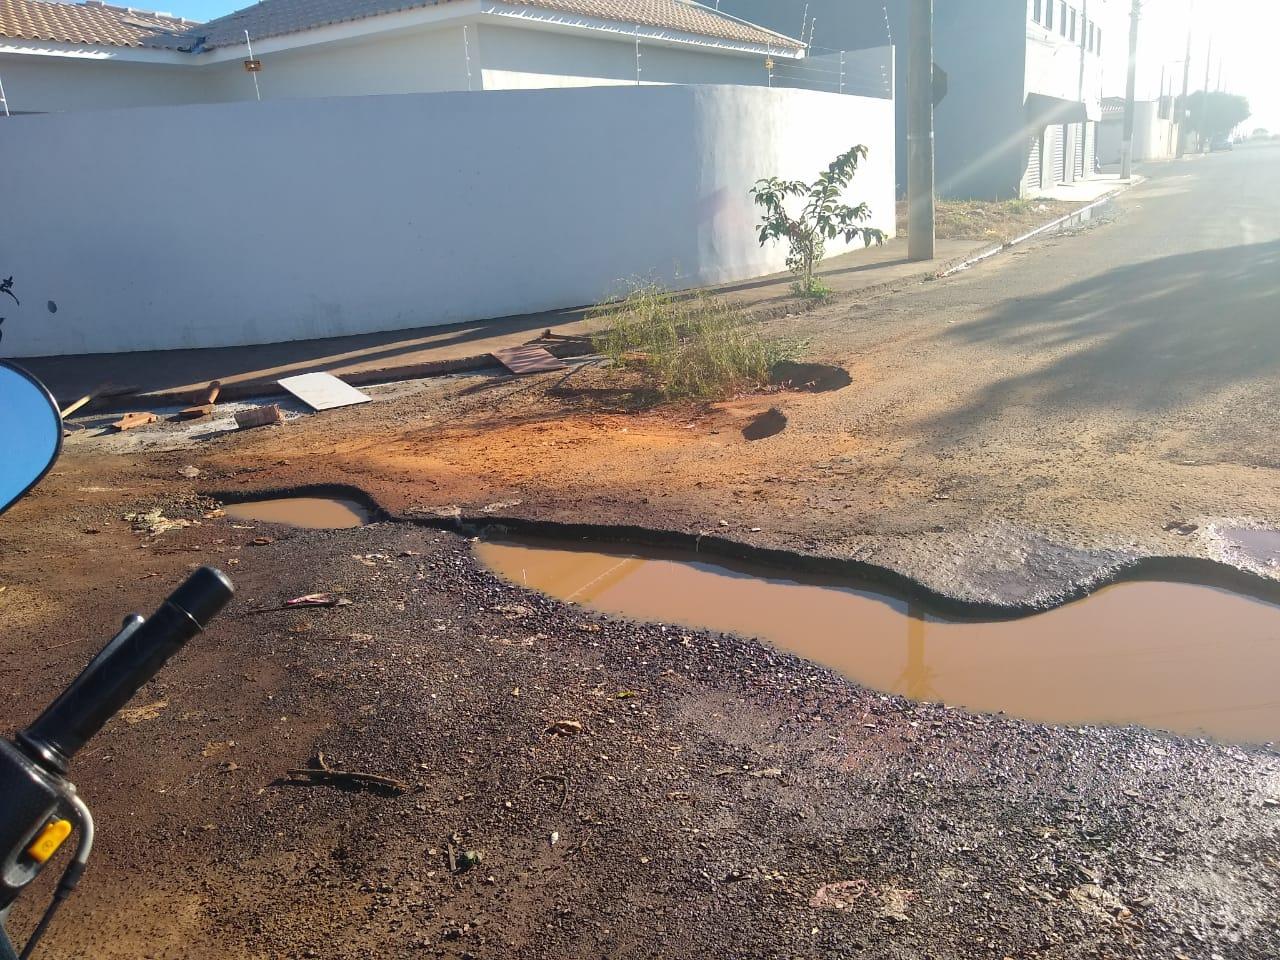 IMG 20190614 WA0002 1024x768 - Moradores do Portal 2 reclamam de buracos em ruas do bairro